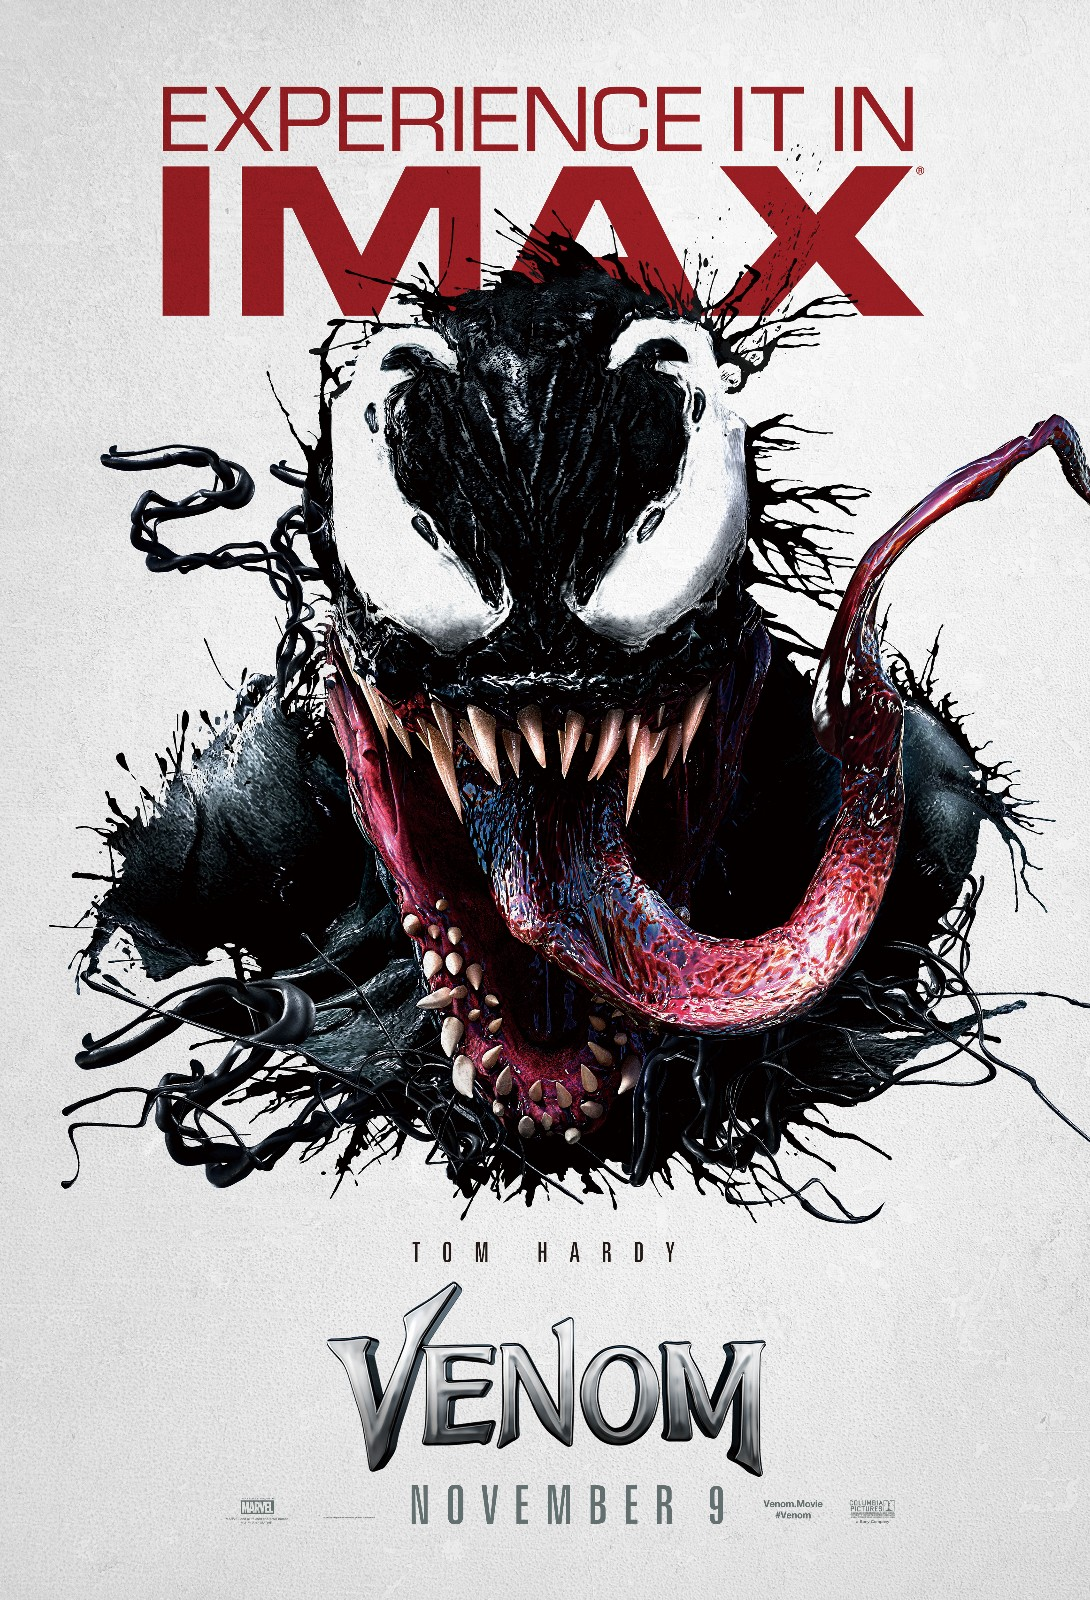 漫威另类英雄《毒液》惊艳首秀, IMAX3D版颠覆感官圈粉